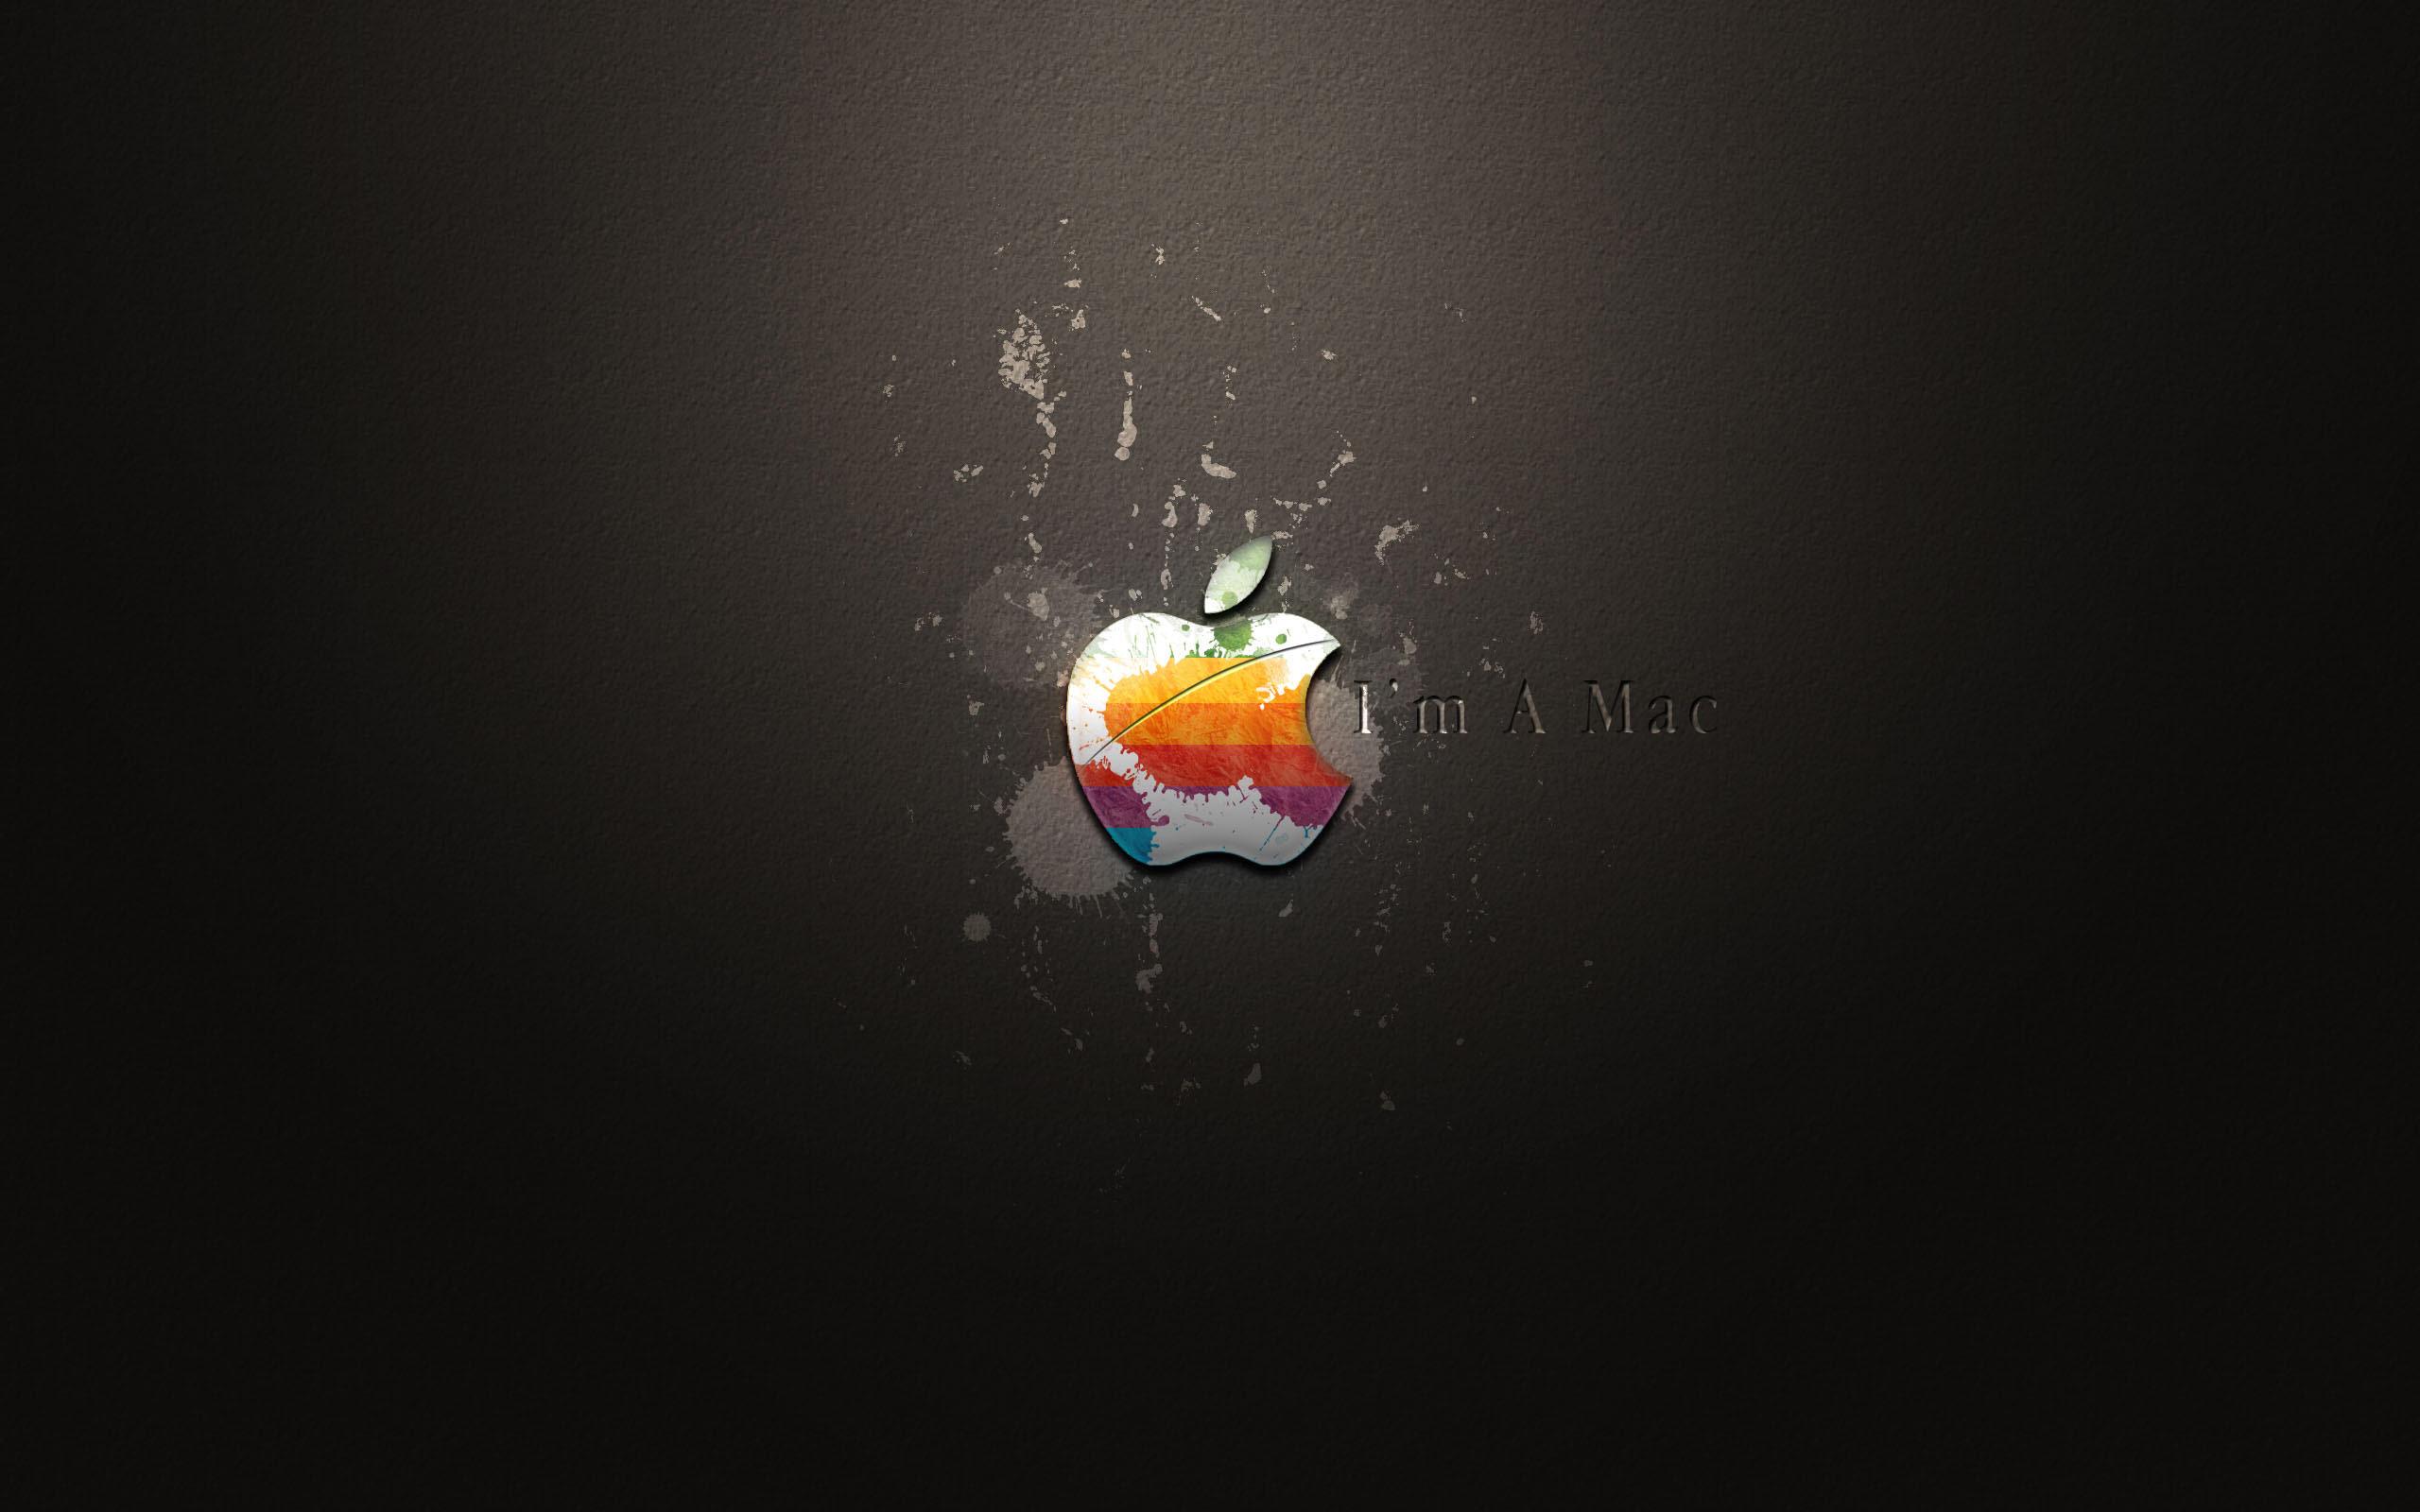 Mac Wallpapers HD Wallpaper 2560x1600 2560x1600